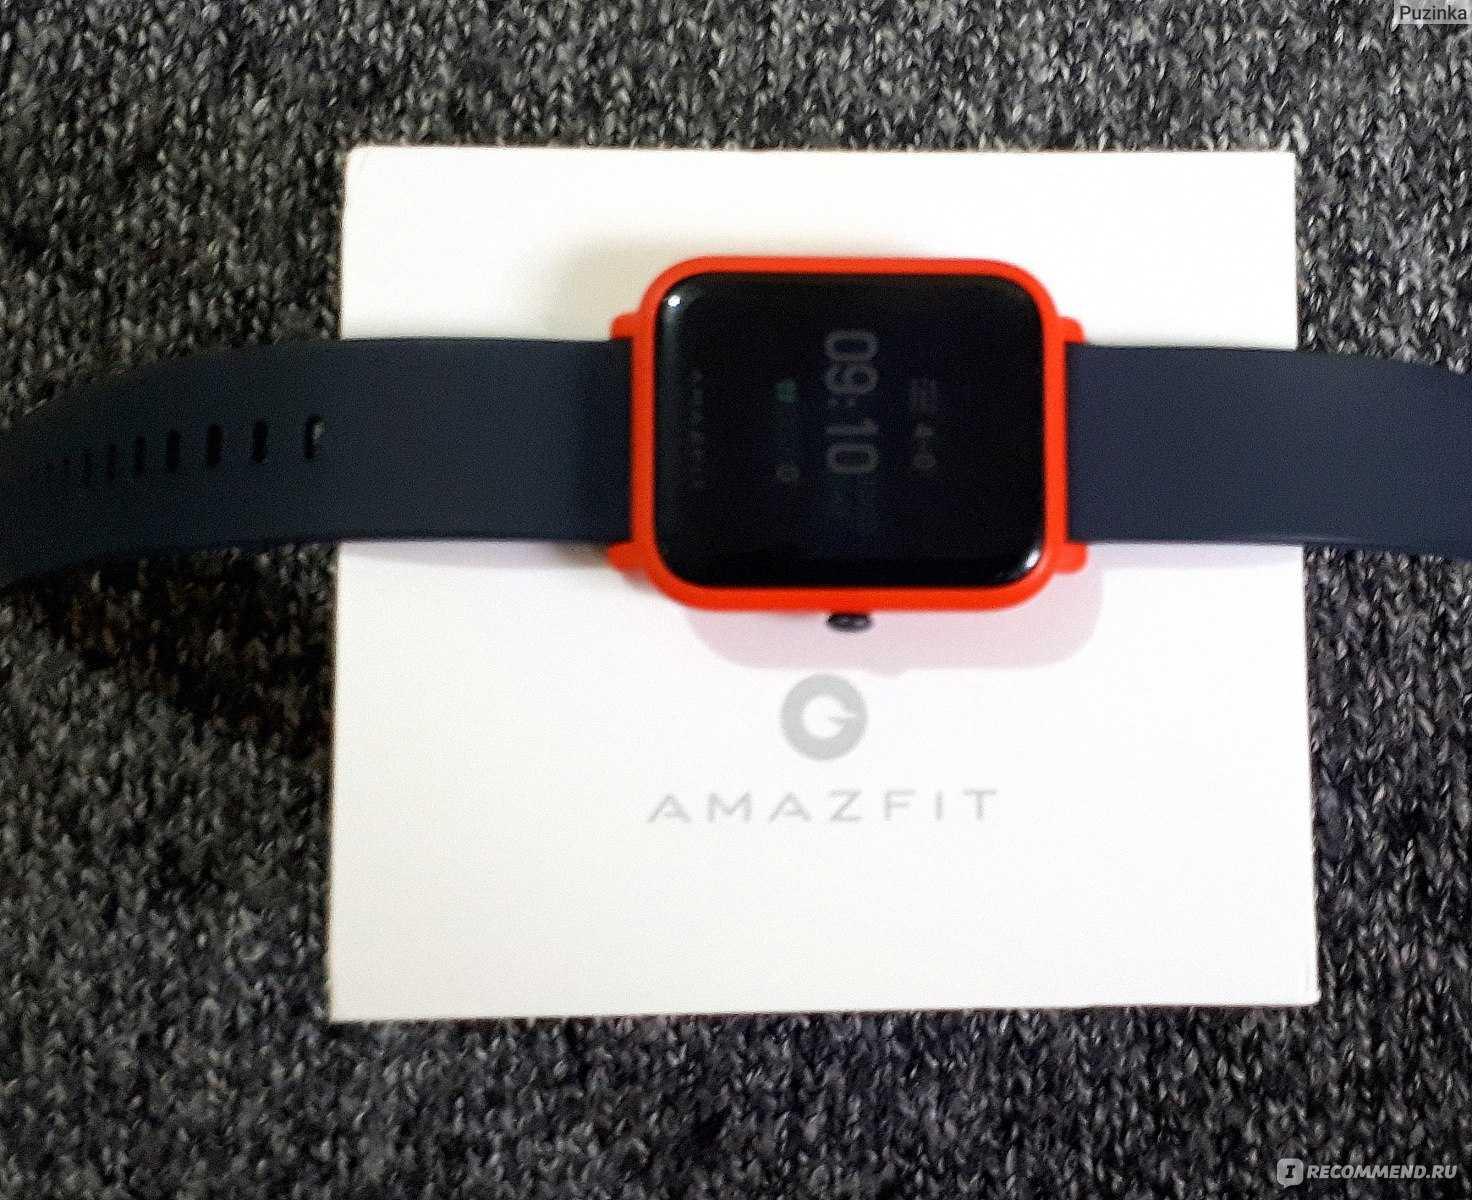 Amazfit gtr | узнайте больше о элегантных смарт-часах amazfit